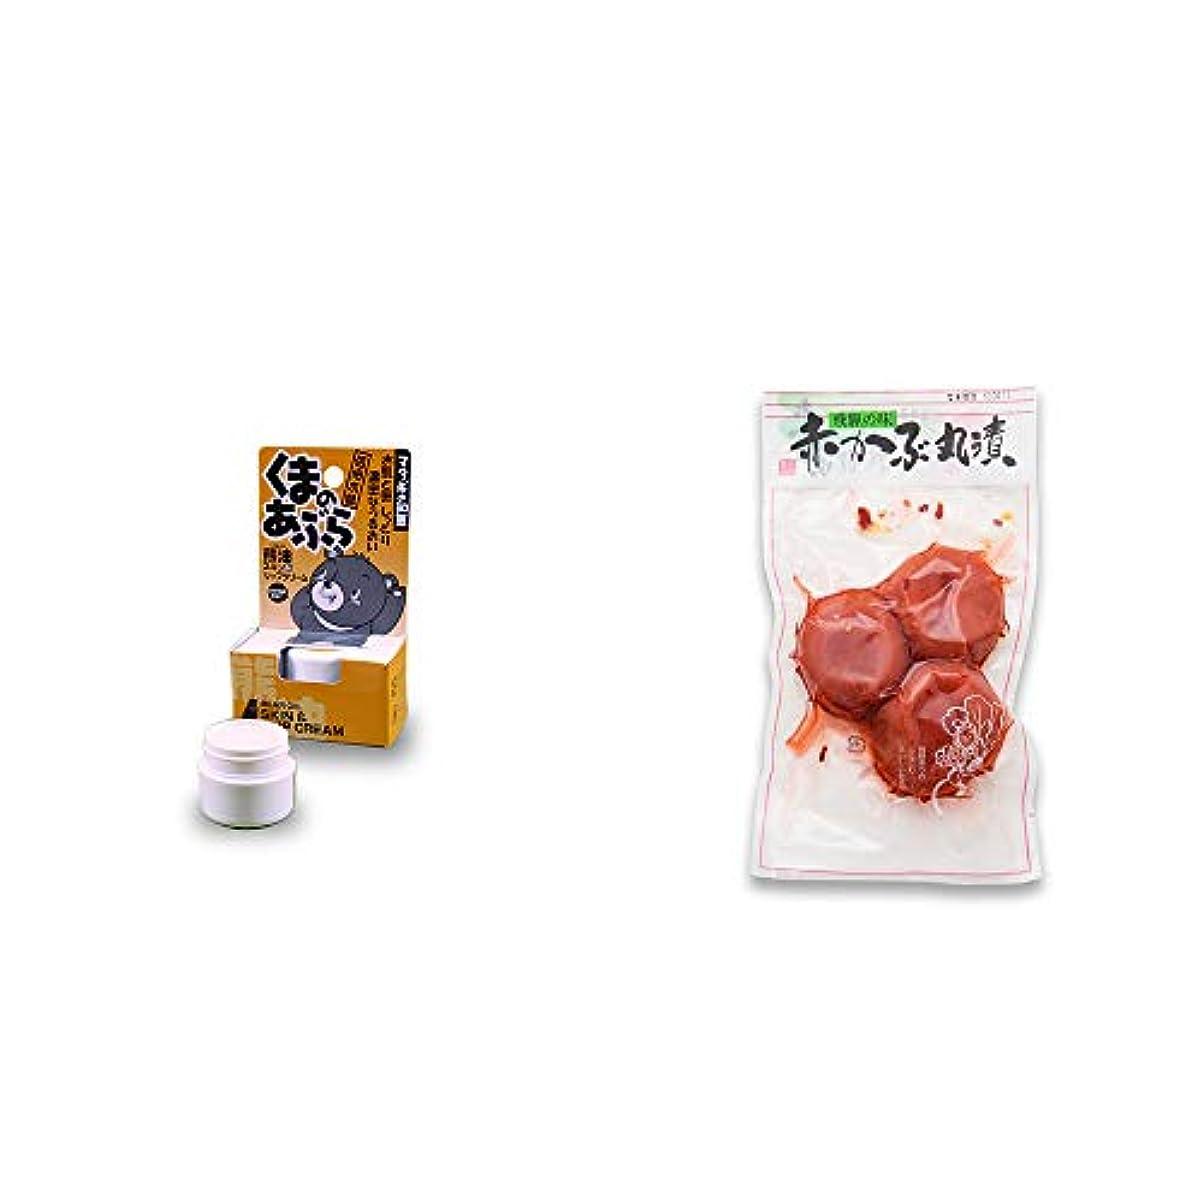 あたり絡み合い目の前の[2点セット] 信州木曽 くまのあぶら 熊油スキン&リップクリーム(9g)?赤かぶ丸漬け(150g)